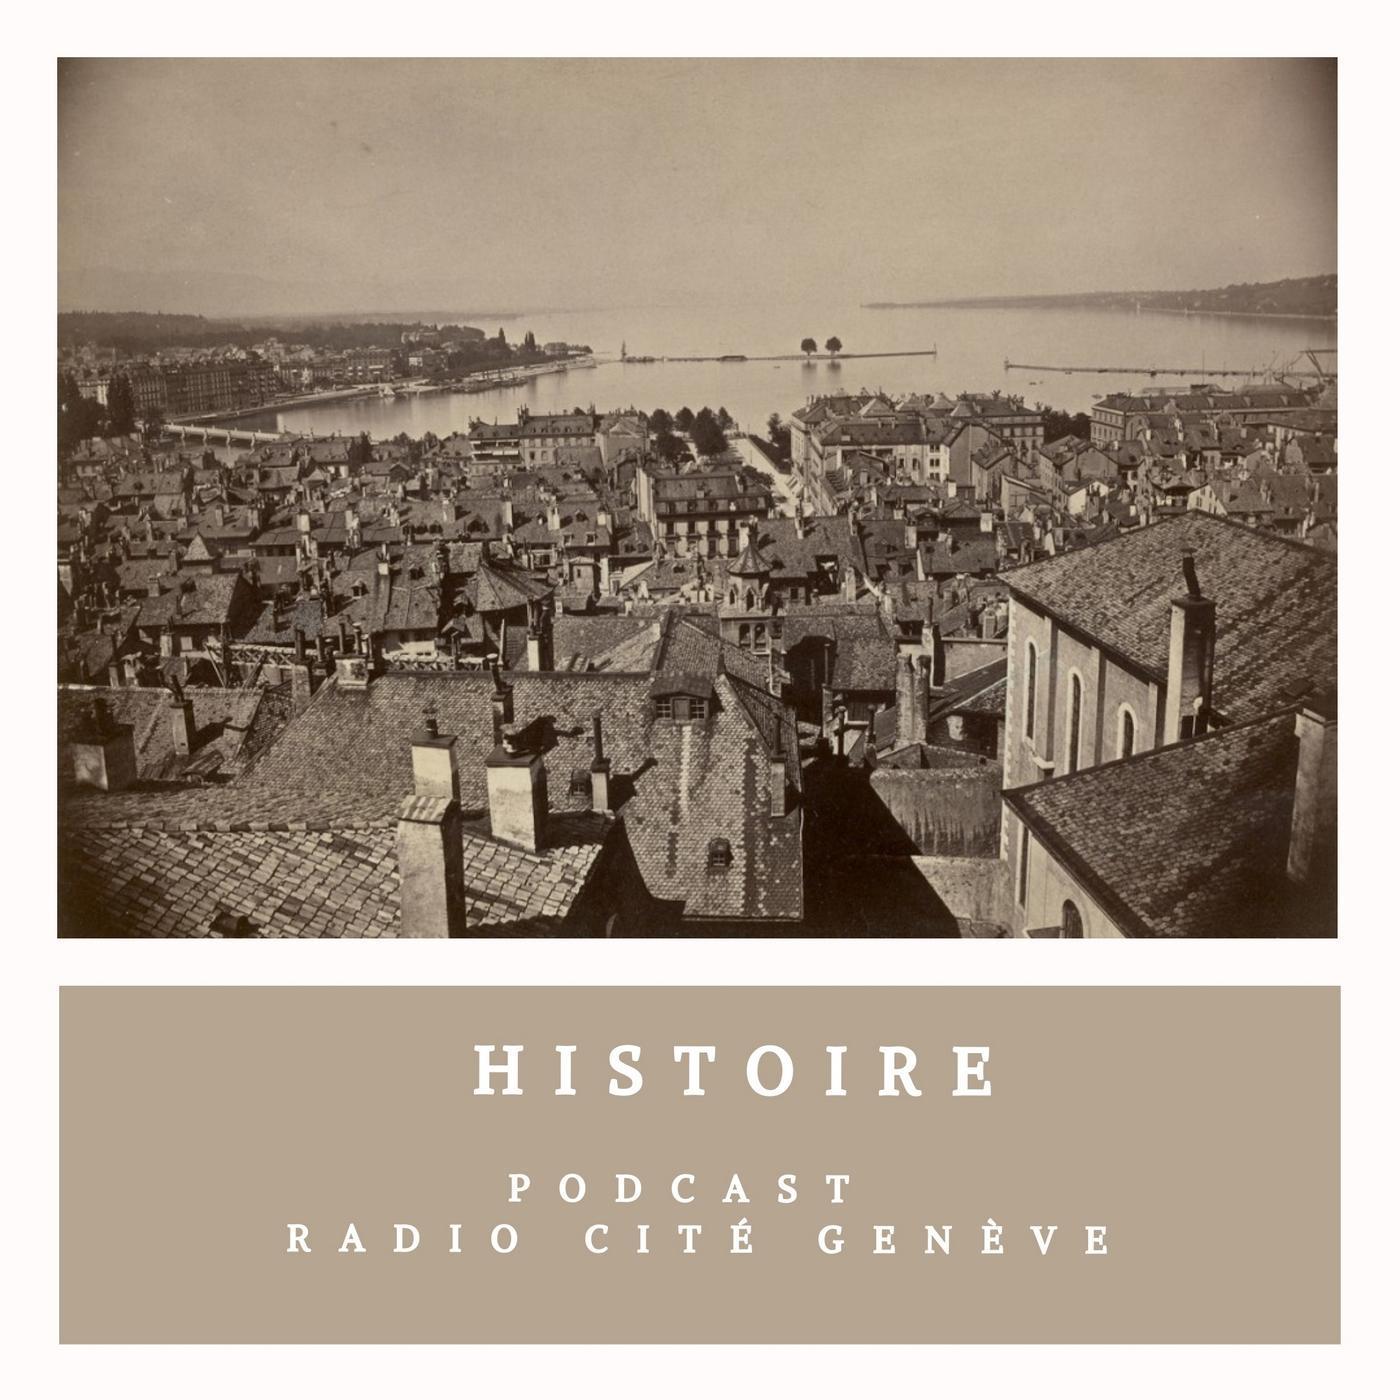 Histoire - 07/05/21 - Les années 80 à Genève